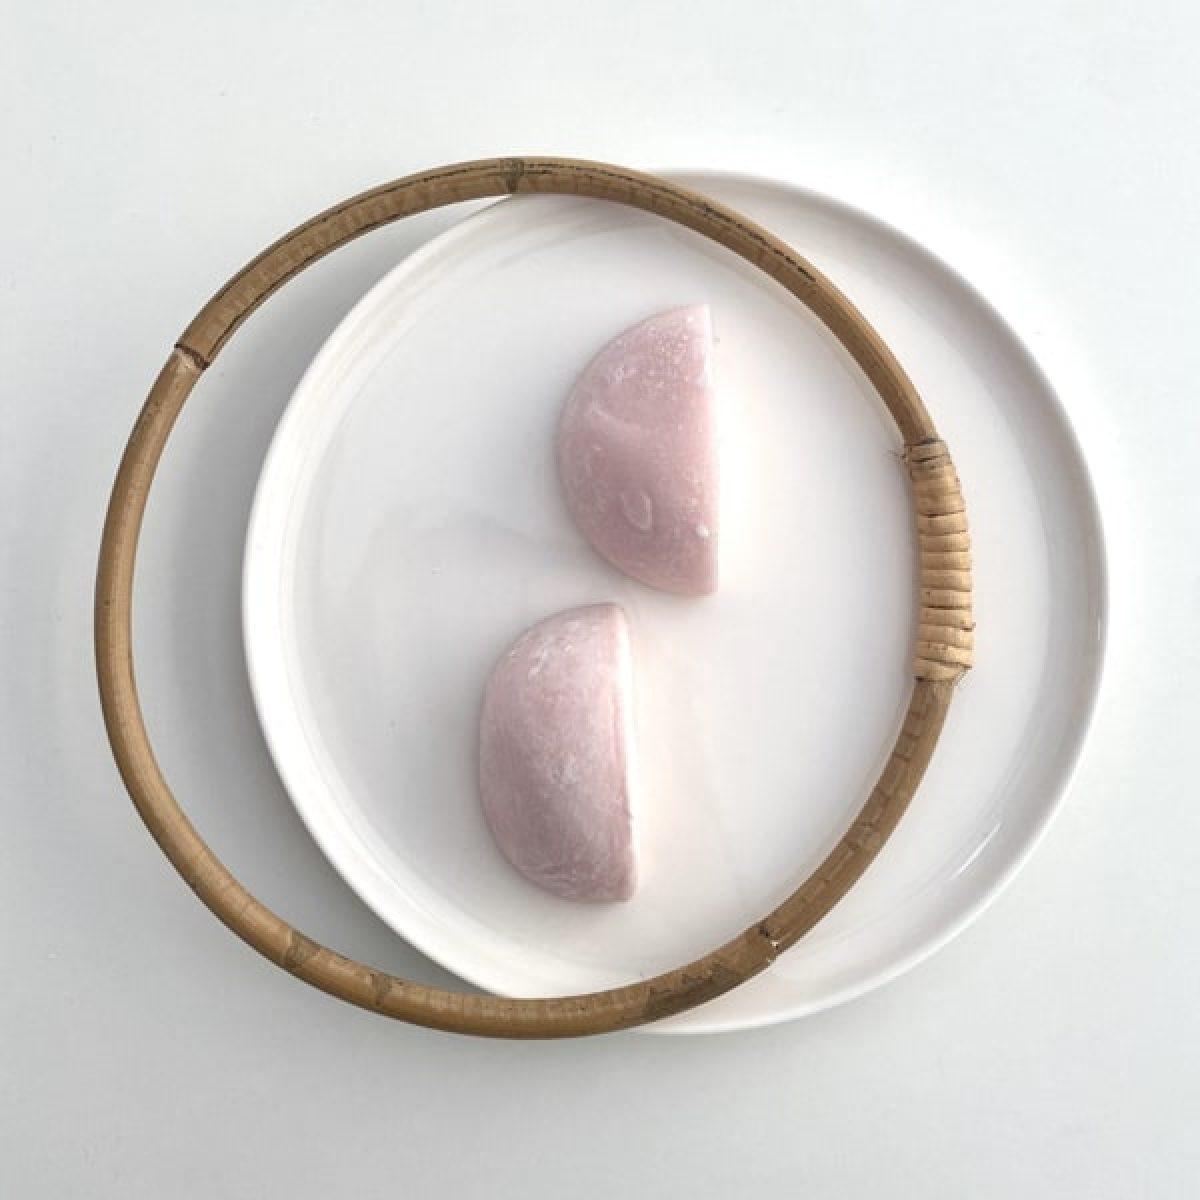 mochi-glace_fleurs-de-ceriser-sakura-min